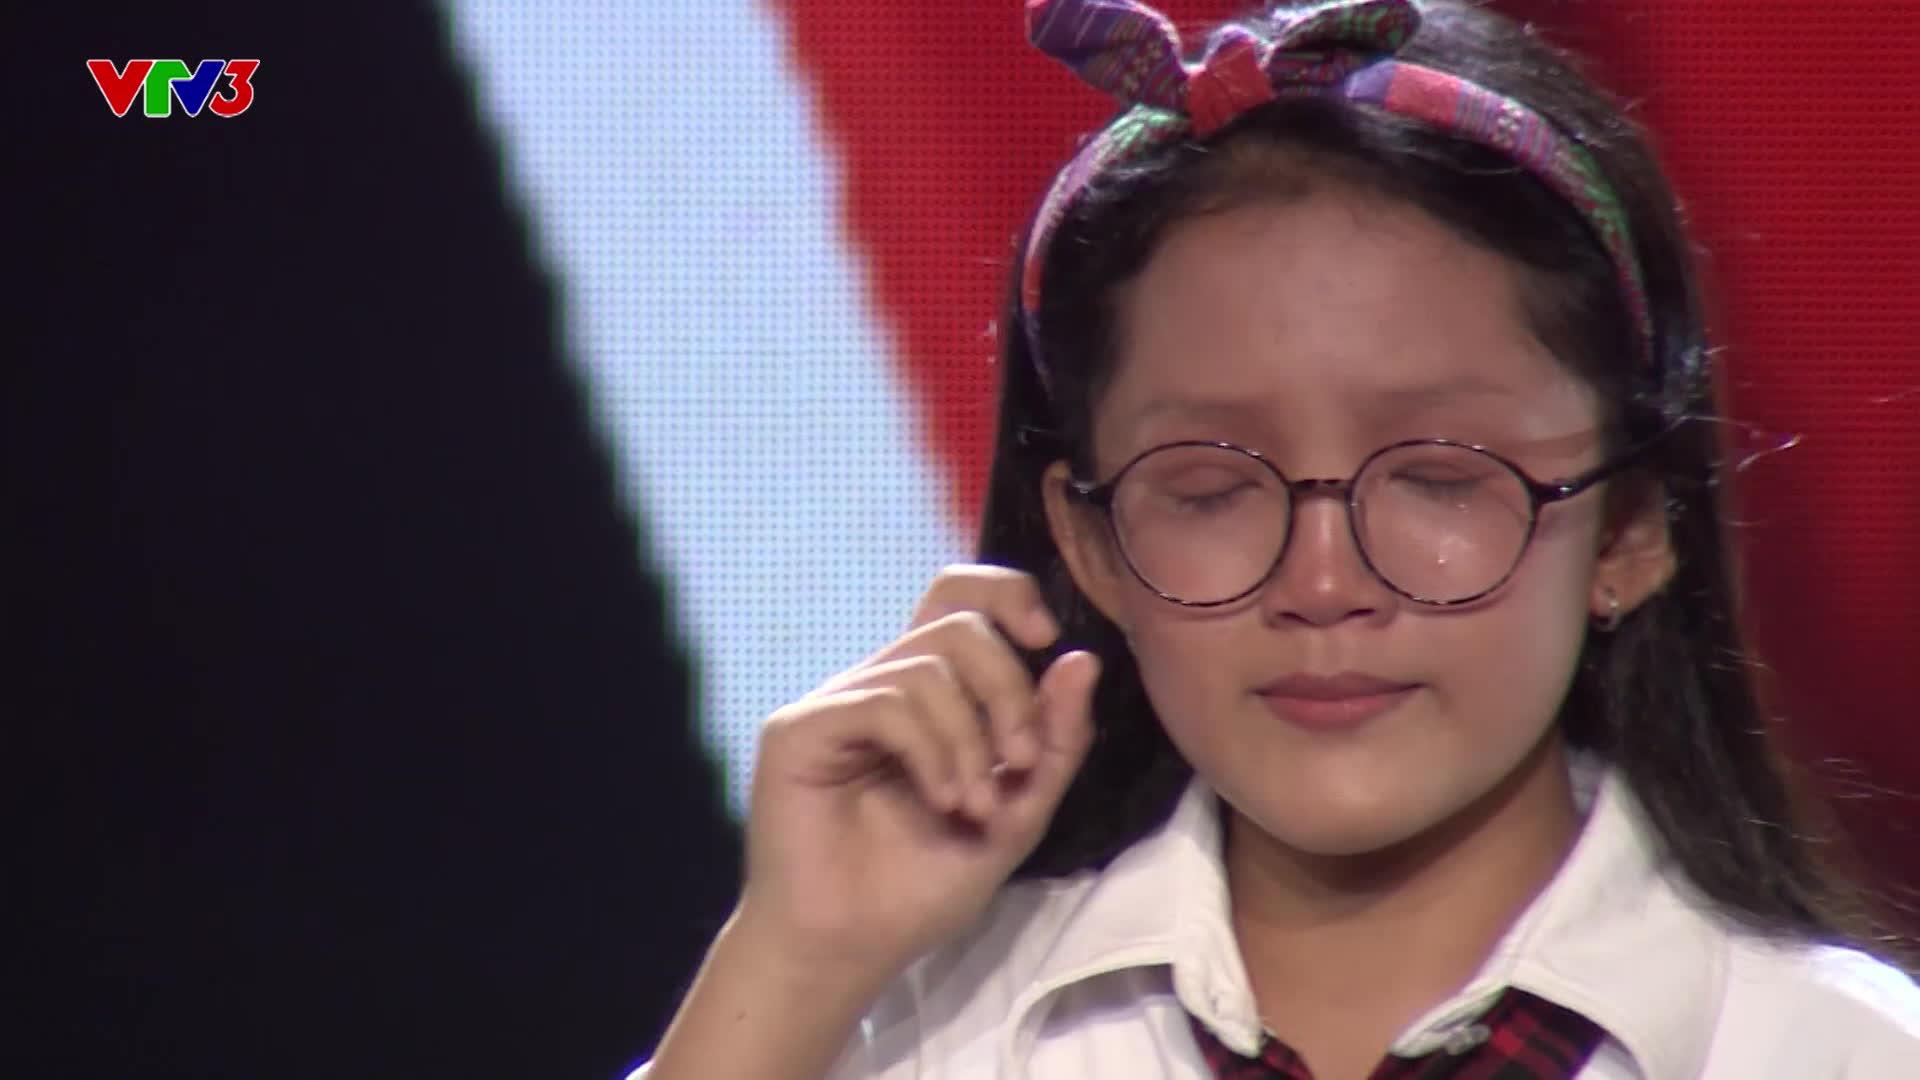 Hát hit Phạm Hồng Phước về tình cha con, giọng ca nhí khiến Vũ Cát Tường bật khóc ngay trên ghế nóng